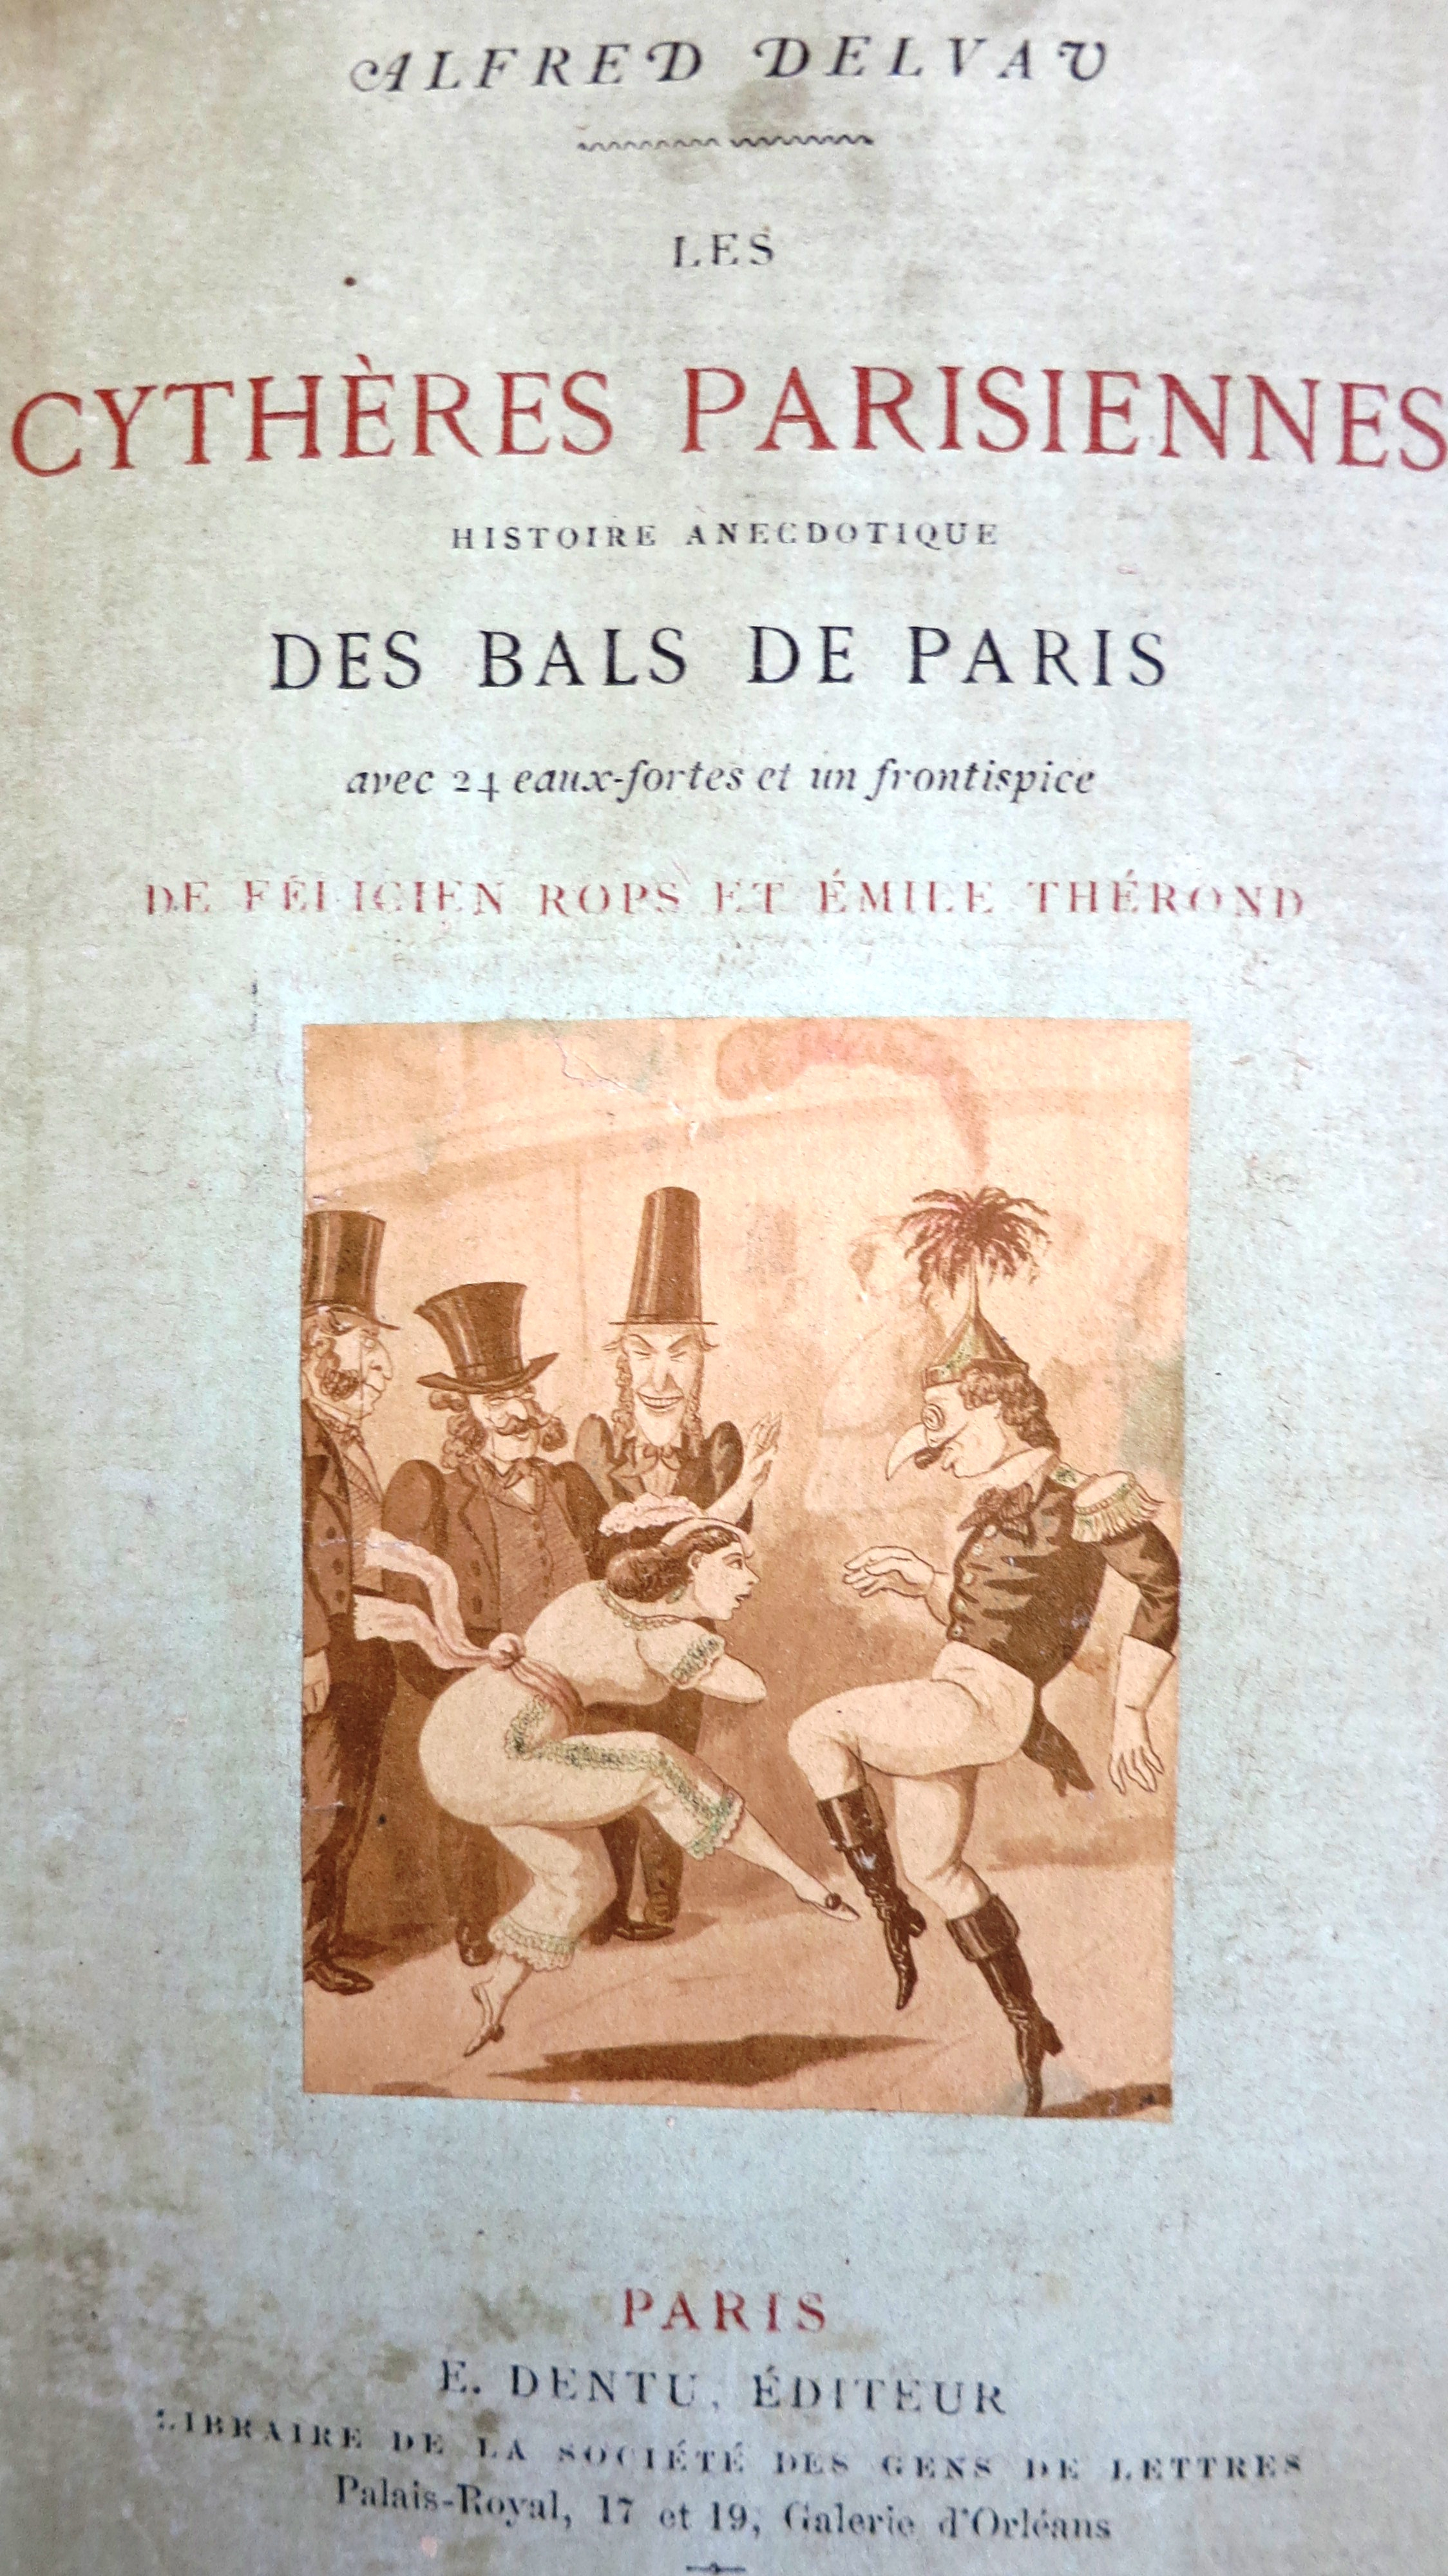 Les Cythères parisiennes. Histoire anecdotiques des Bals de Paris